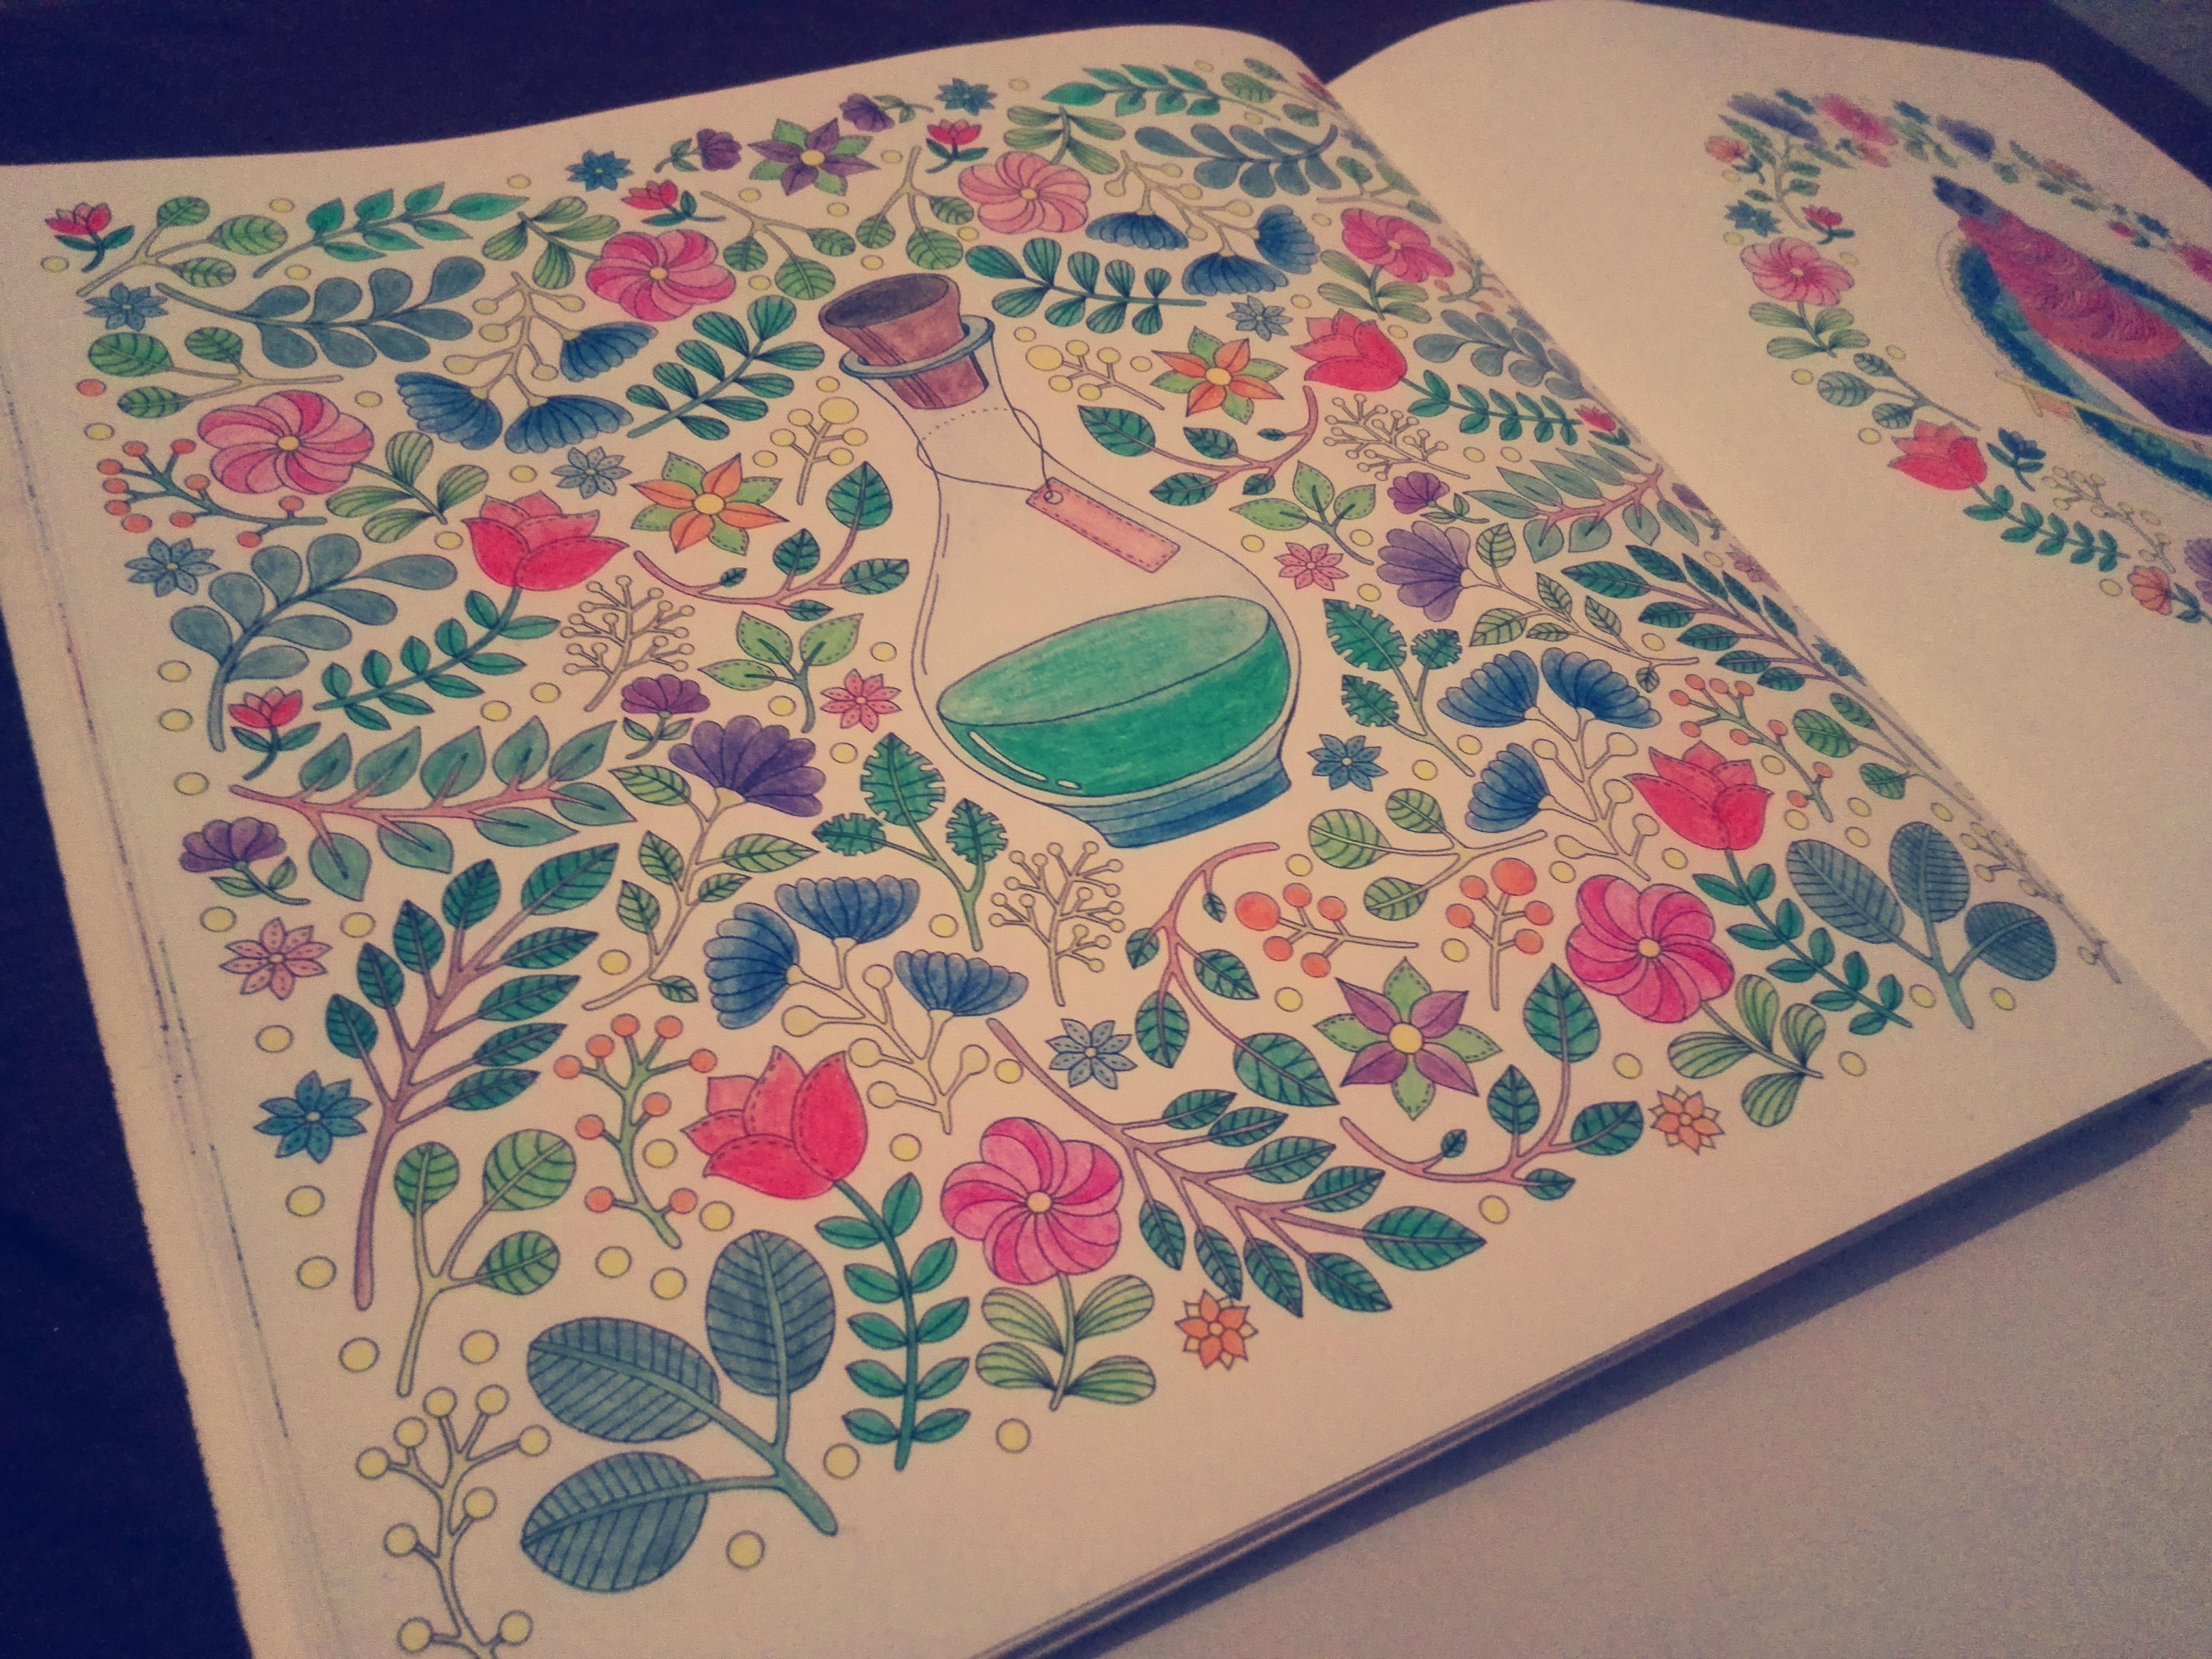 bunga rekreasi pola bahan lingkaran tekstil seni gambar Desain mewarnai anti stres buku mewarnai untuk orang